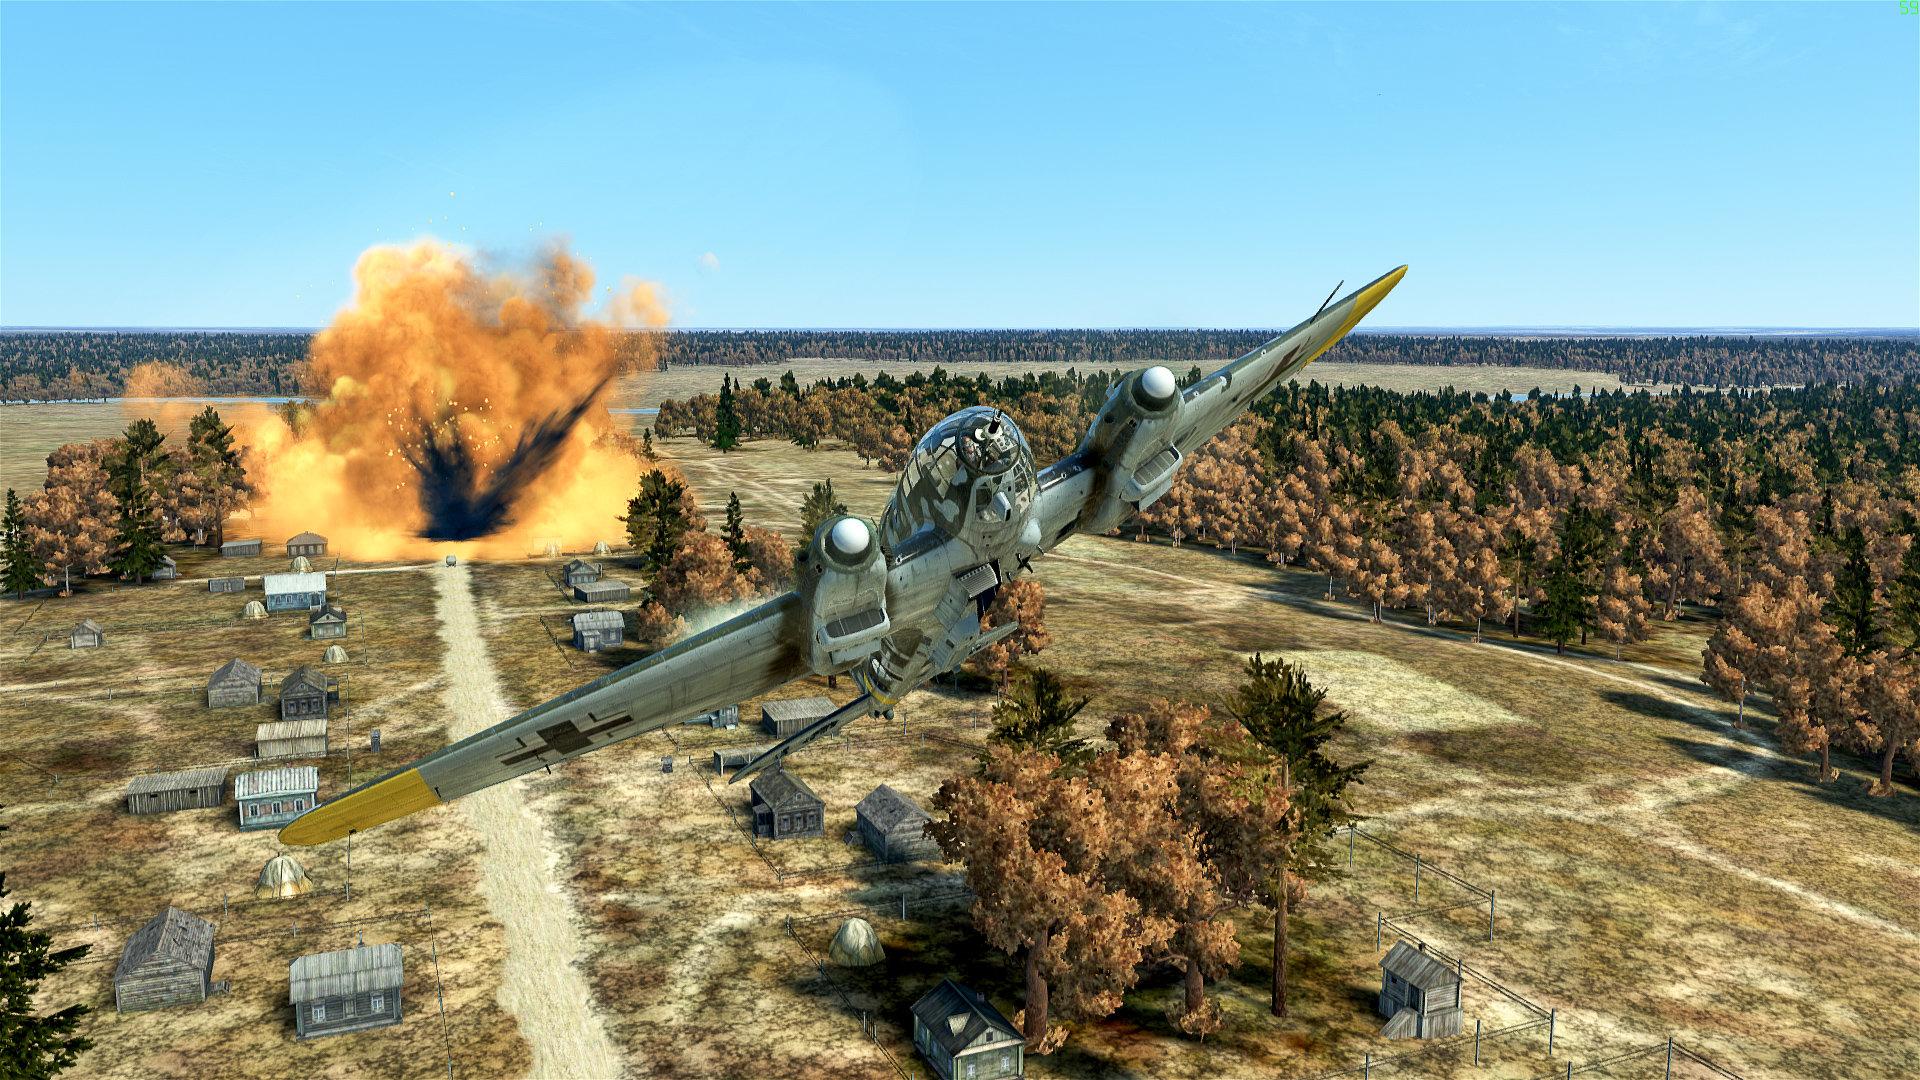 IL-2  Sturmovik  Battle of Stalingrad Screenshot 2020.05.07 - 22.20.58.92.jpg